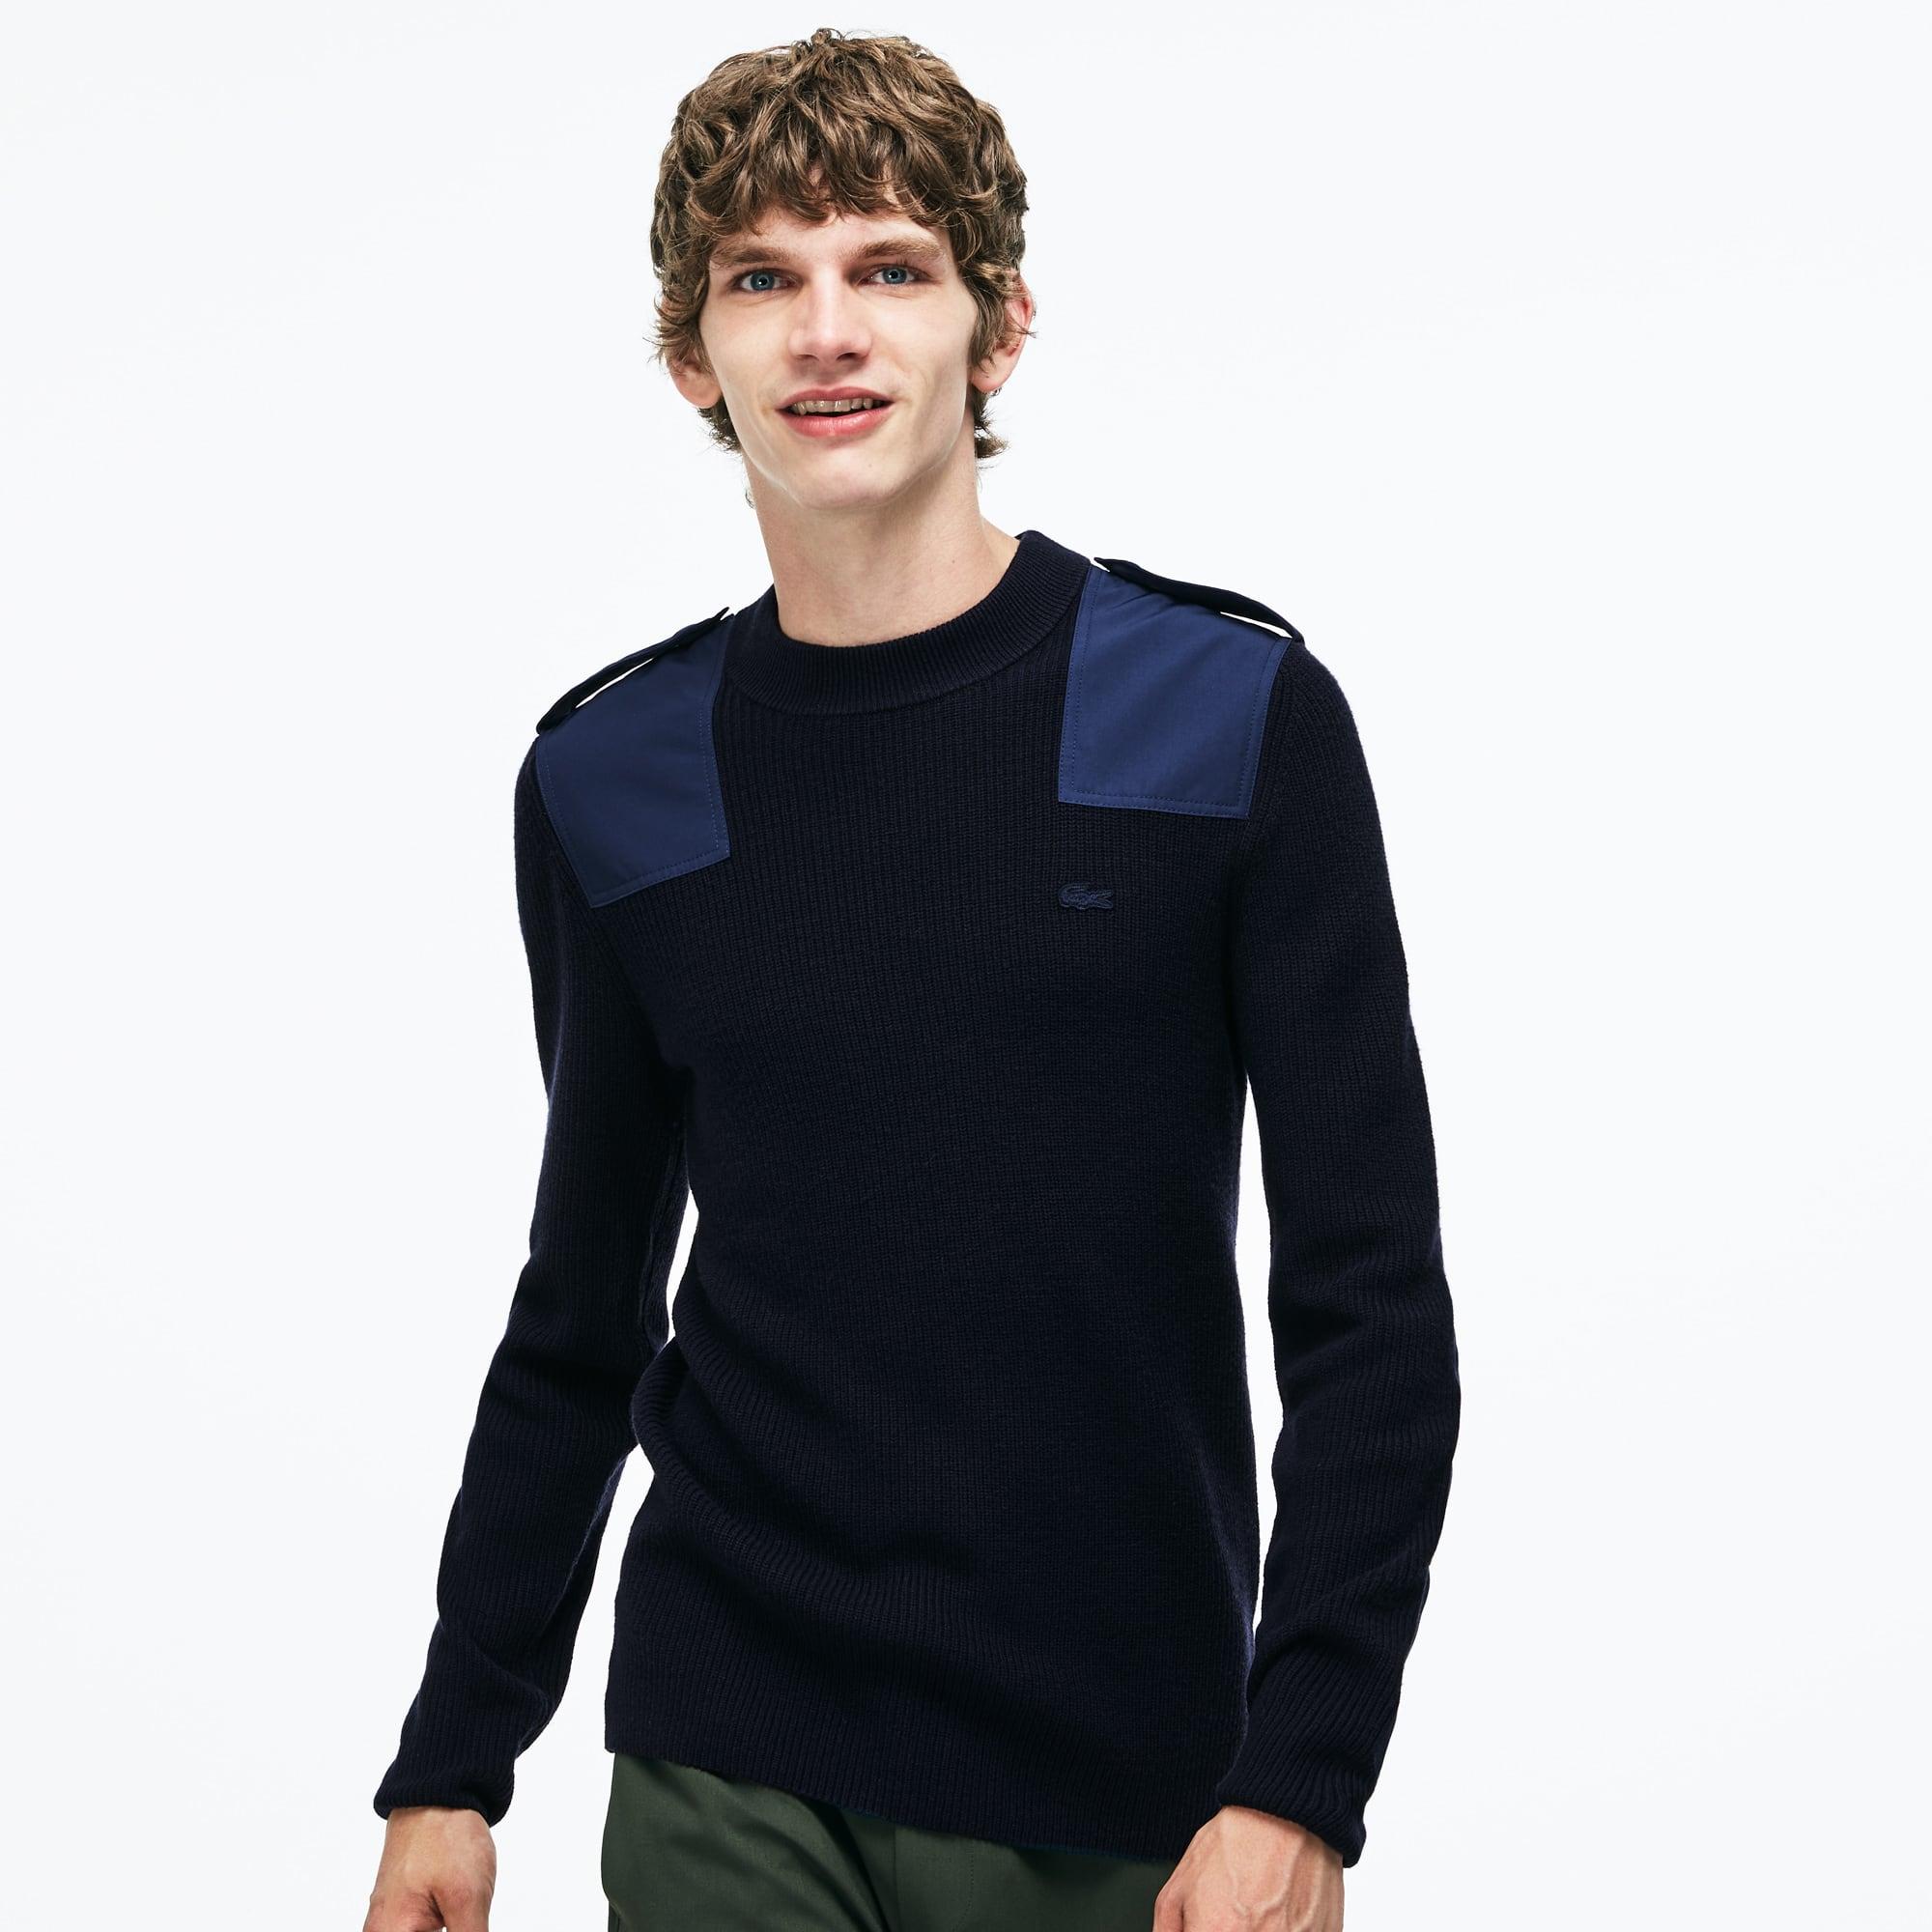 羊毛和棉混纺罗纹圆领色块拼接男士毛衣